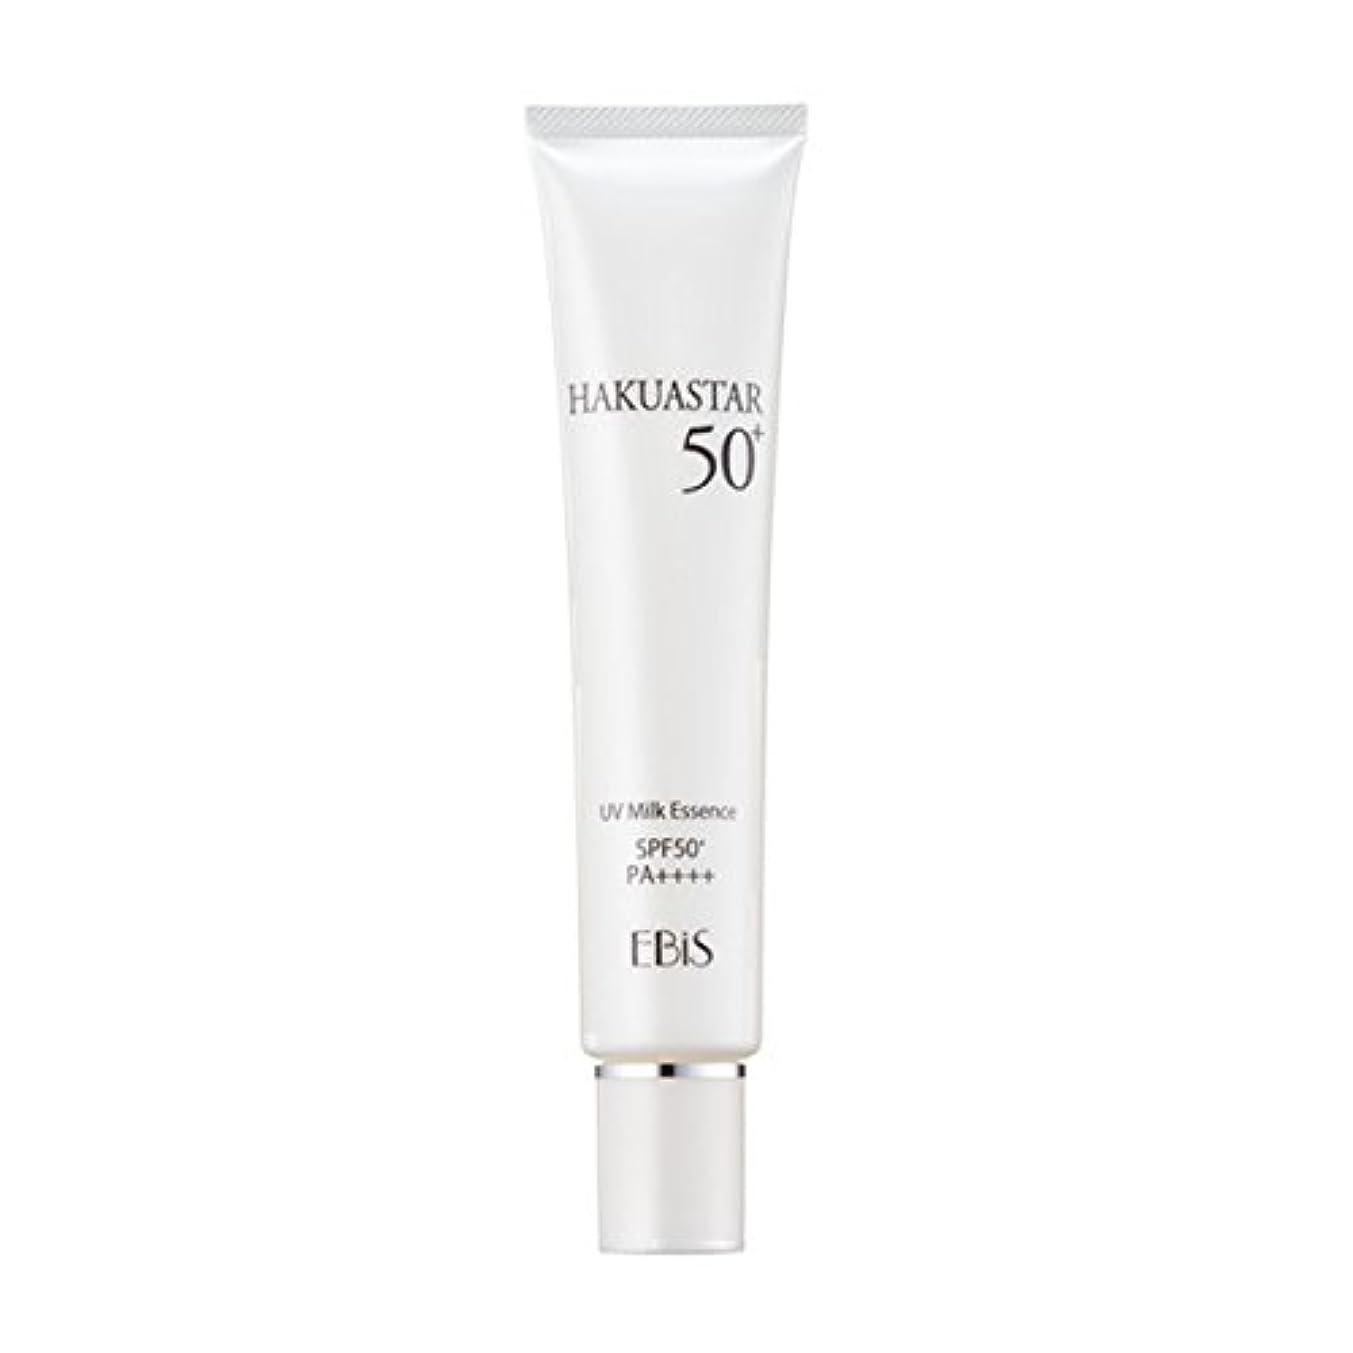 運命的な影のある立ち向かうエビス化粧品(EBiS) ハクアスター 40g SPF50PA+++ UVクリーム(日焼け止め) 紫外線対策 化粧下地としても使える